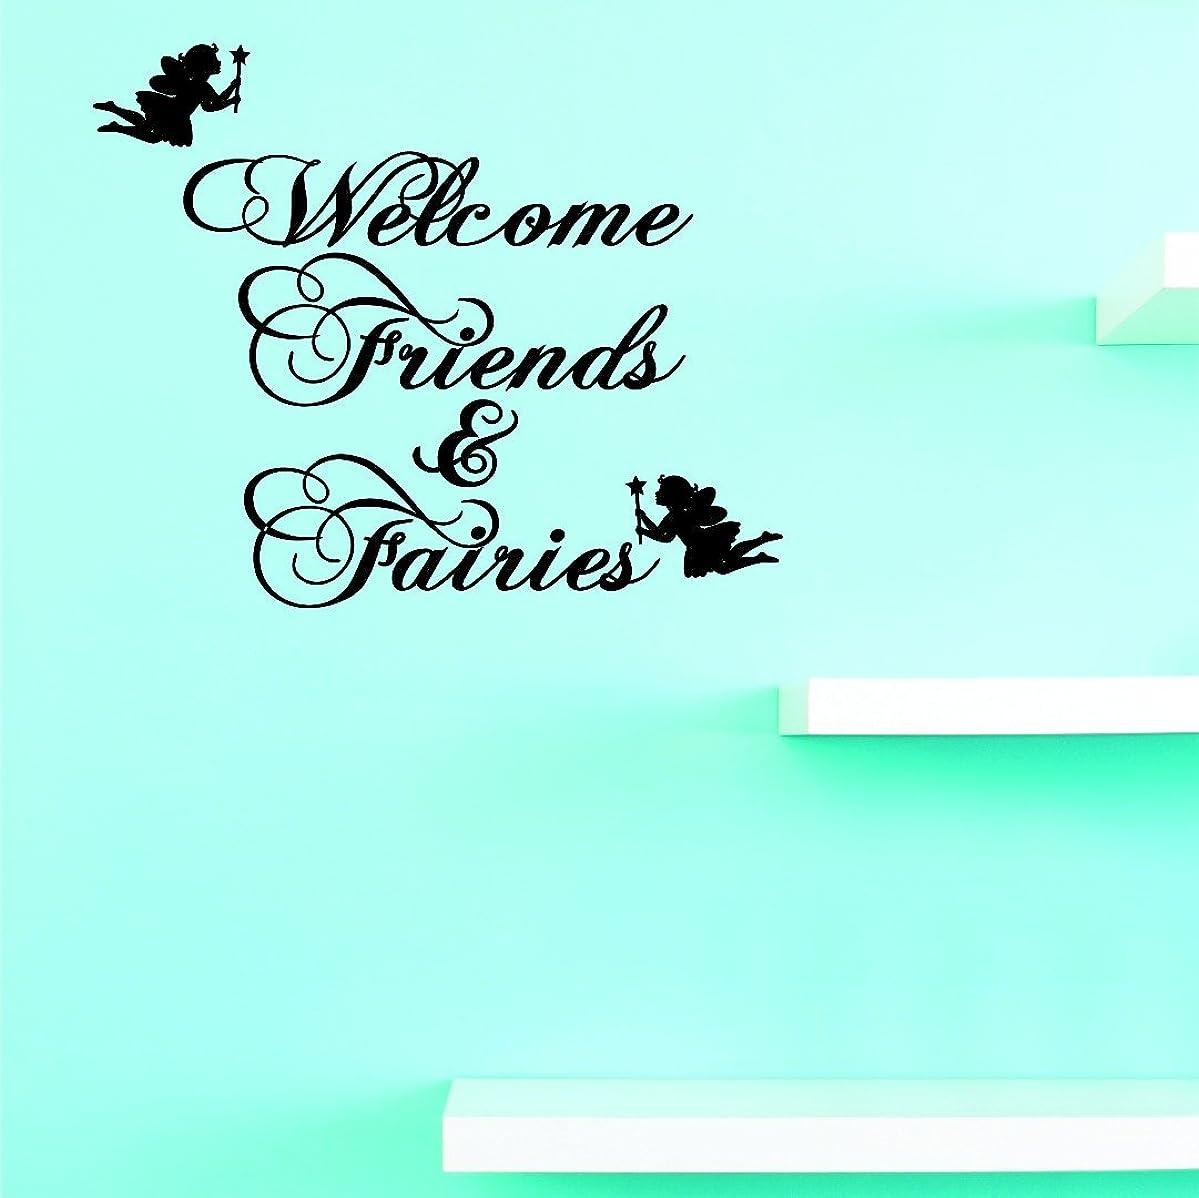 ローストヘルパー食品割引ビニール壁デカール: Welcome Friends and Fairiesホーム装飾画像アート10インチx 20インチ?–?22?Colors Available